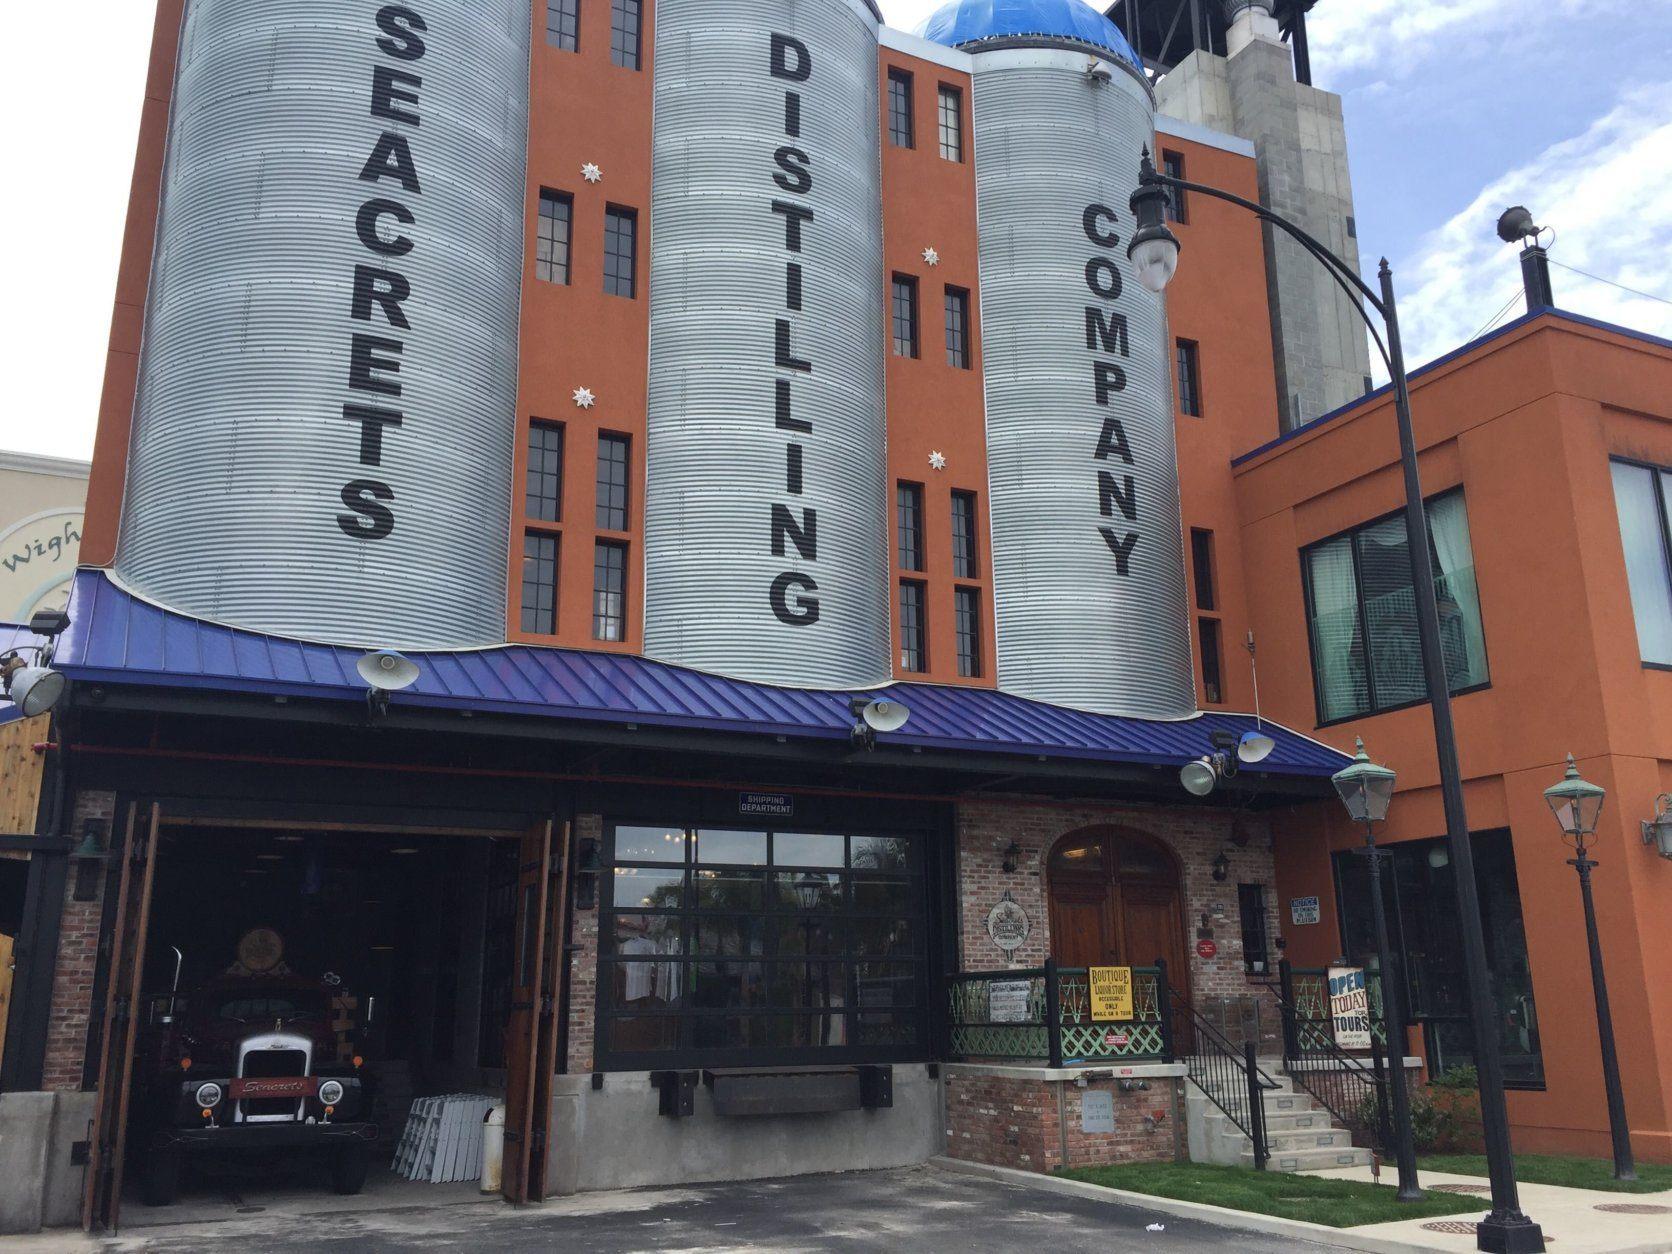 Seacrets Distilling in Ocean City, Maryland. (WTOP/John Domen)